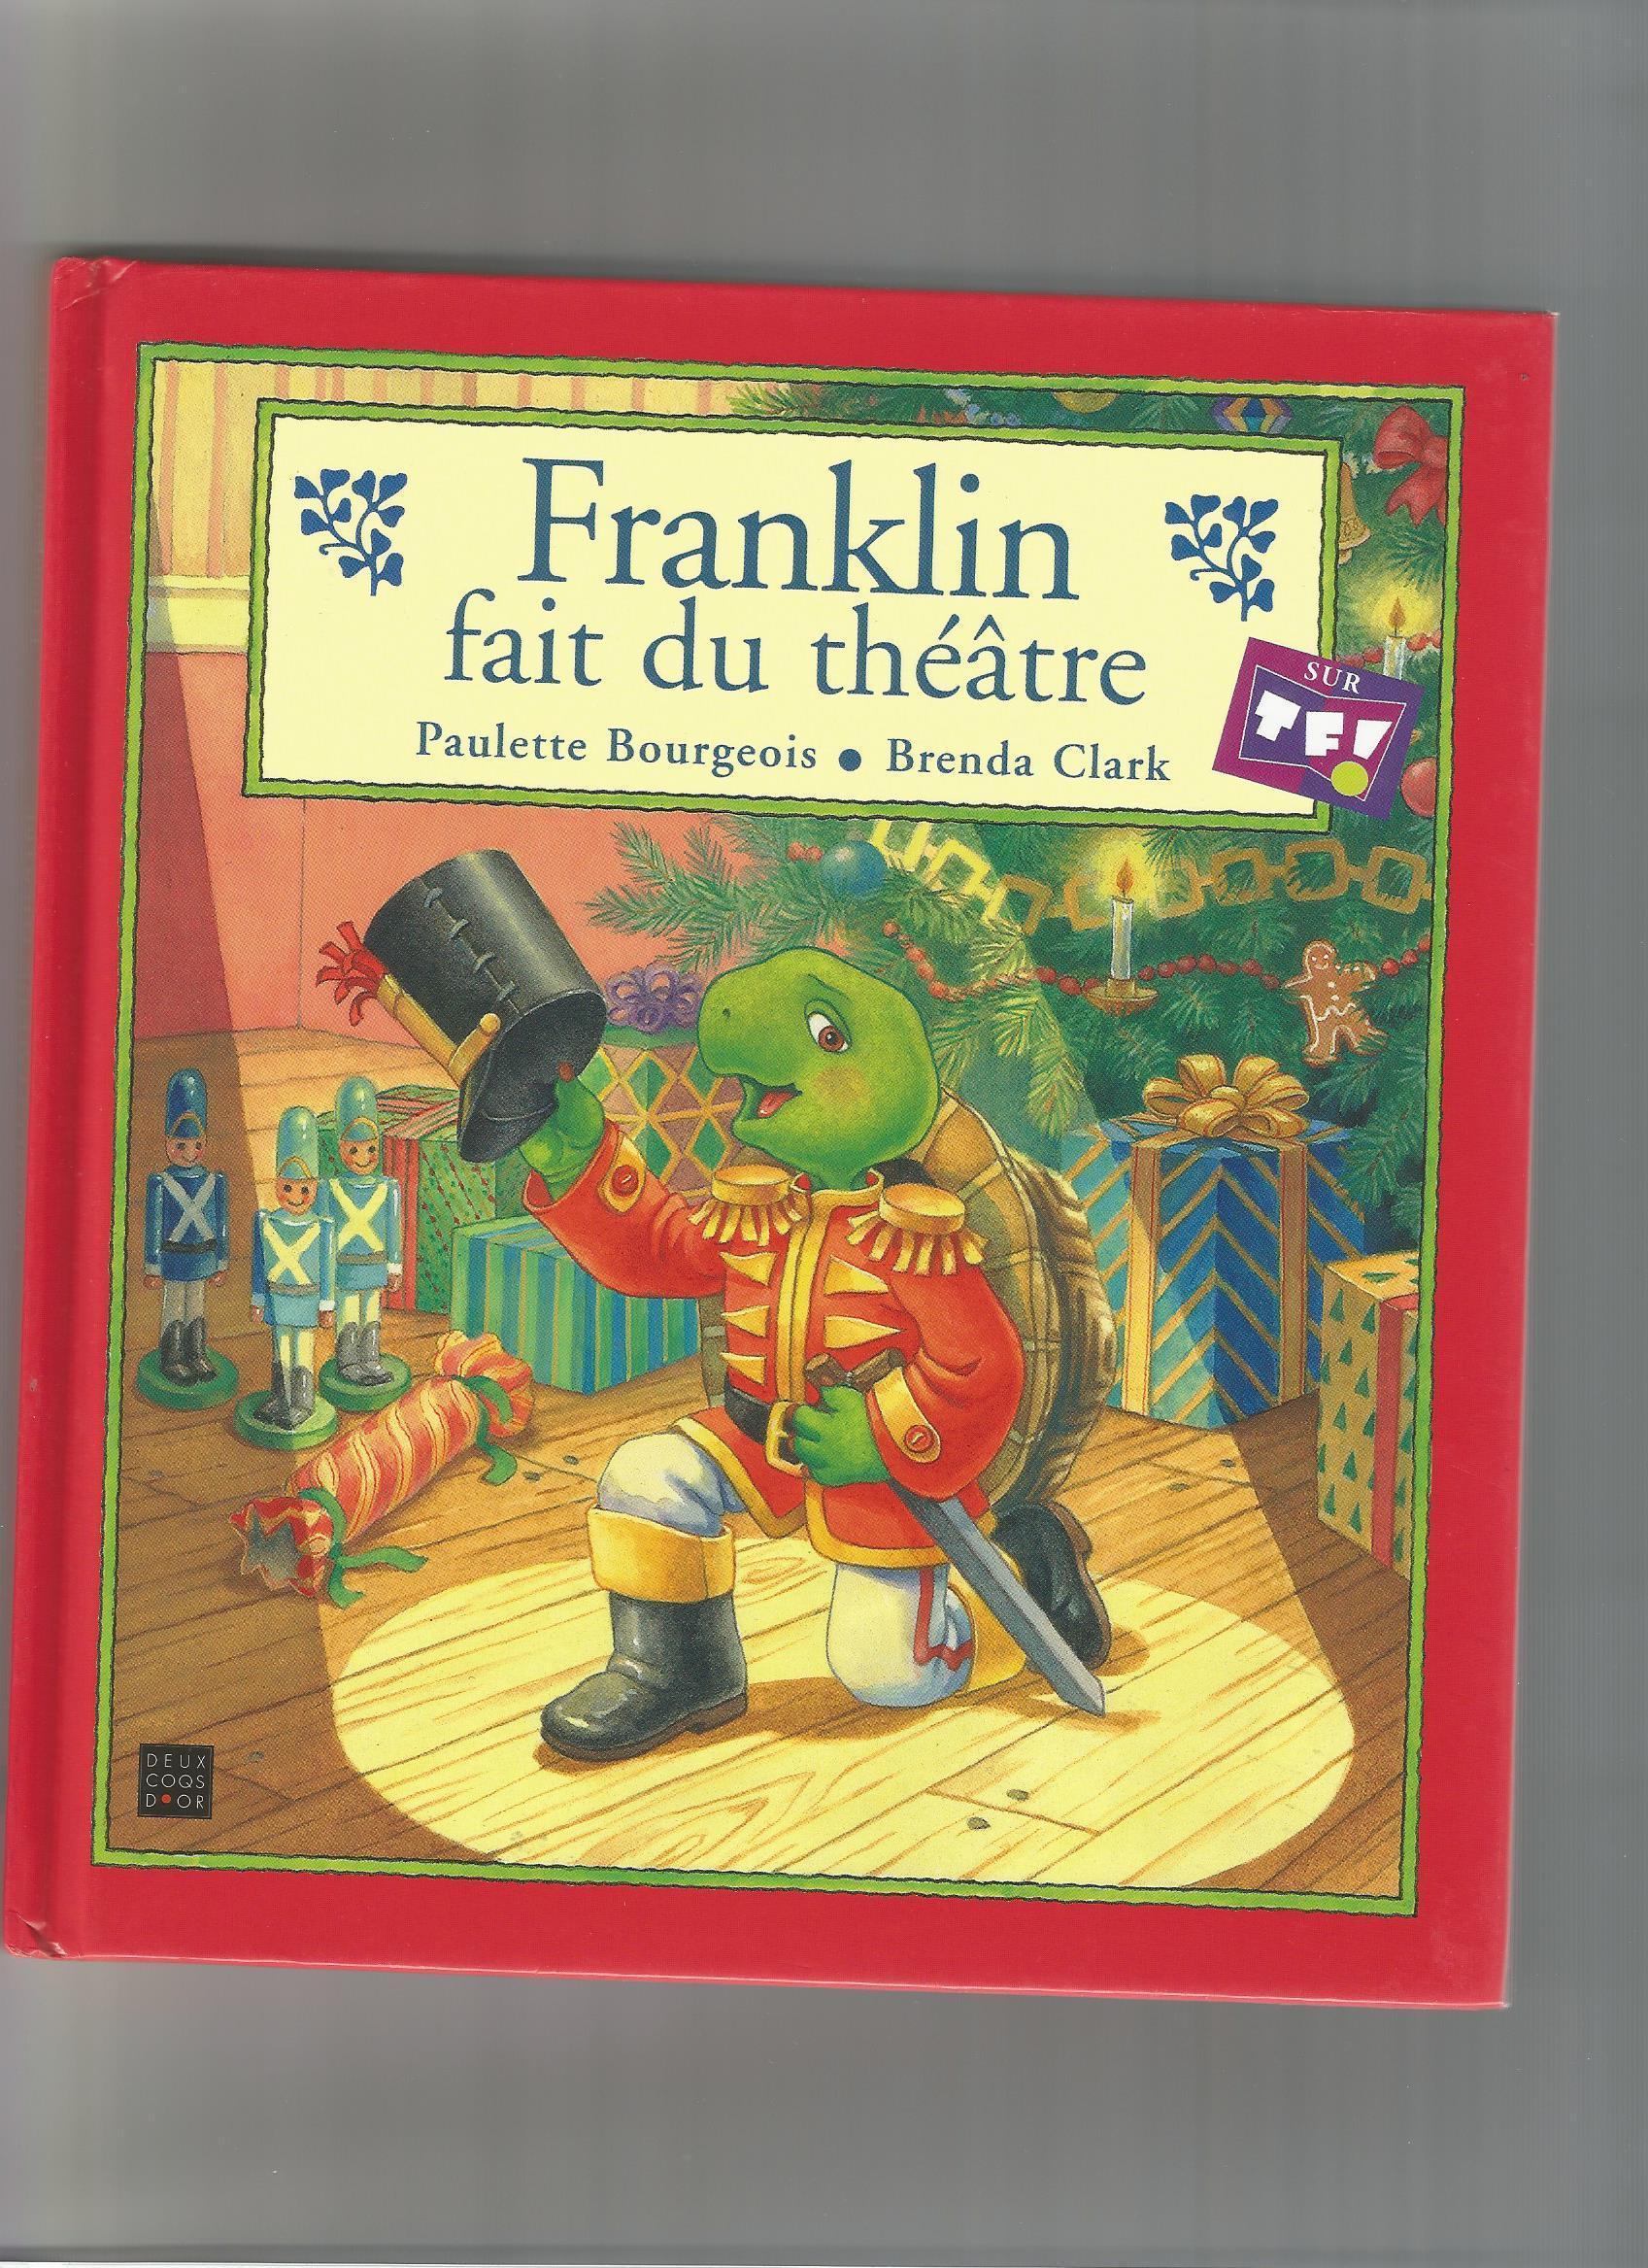 troc de troc franklin fait du theatre image 0